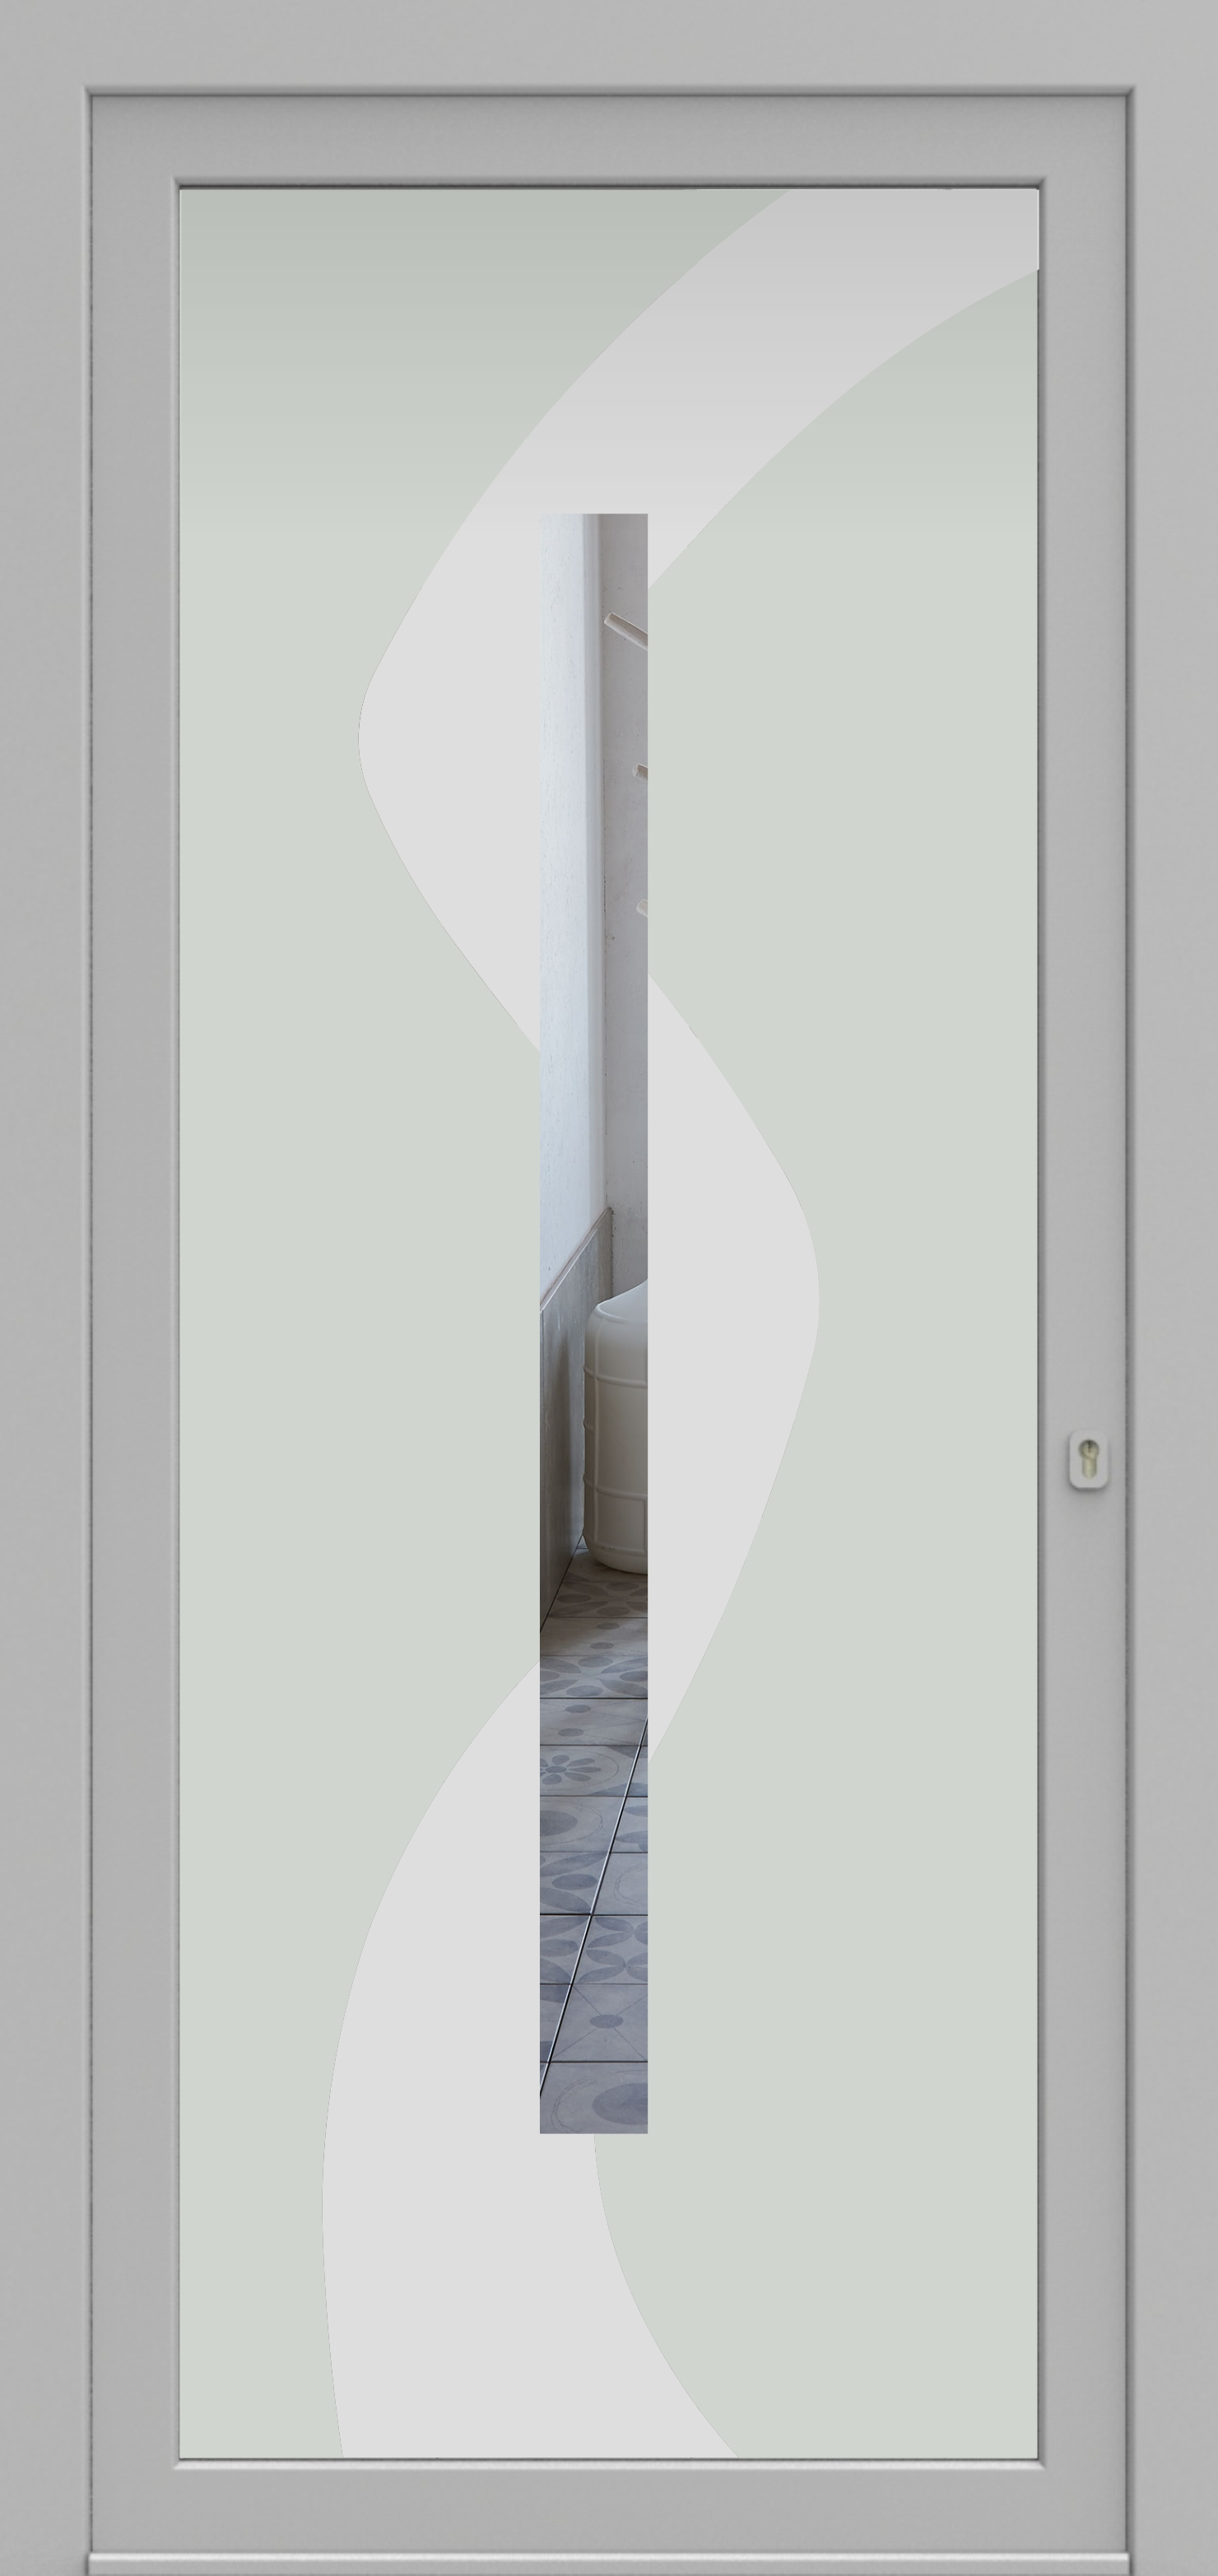 Porte d'entrée DECOVER 3/11 de la gamme Decover posée par les établissements CELEREAU à Roncq